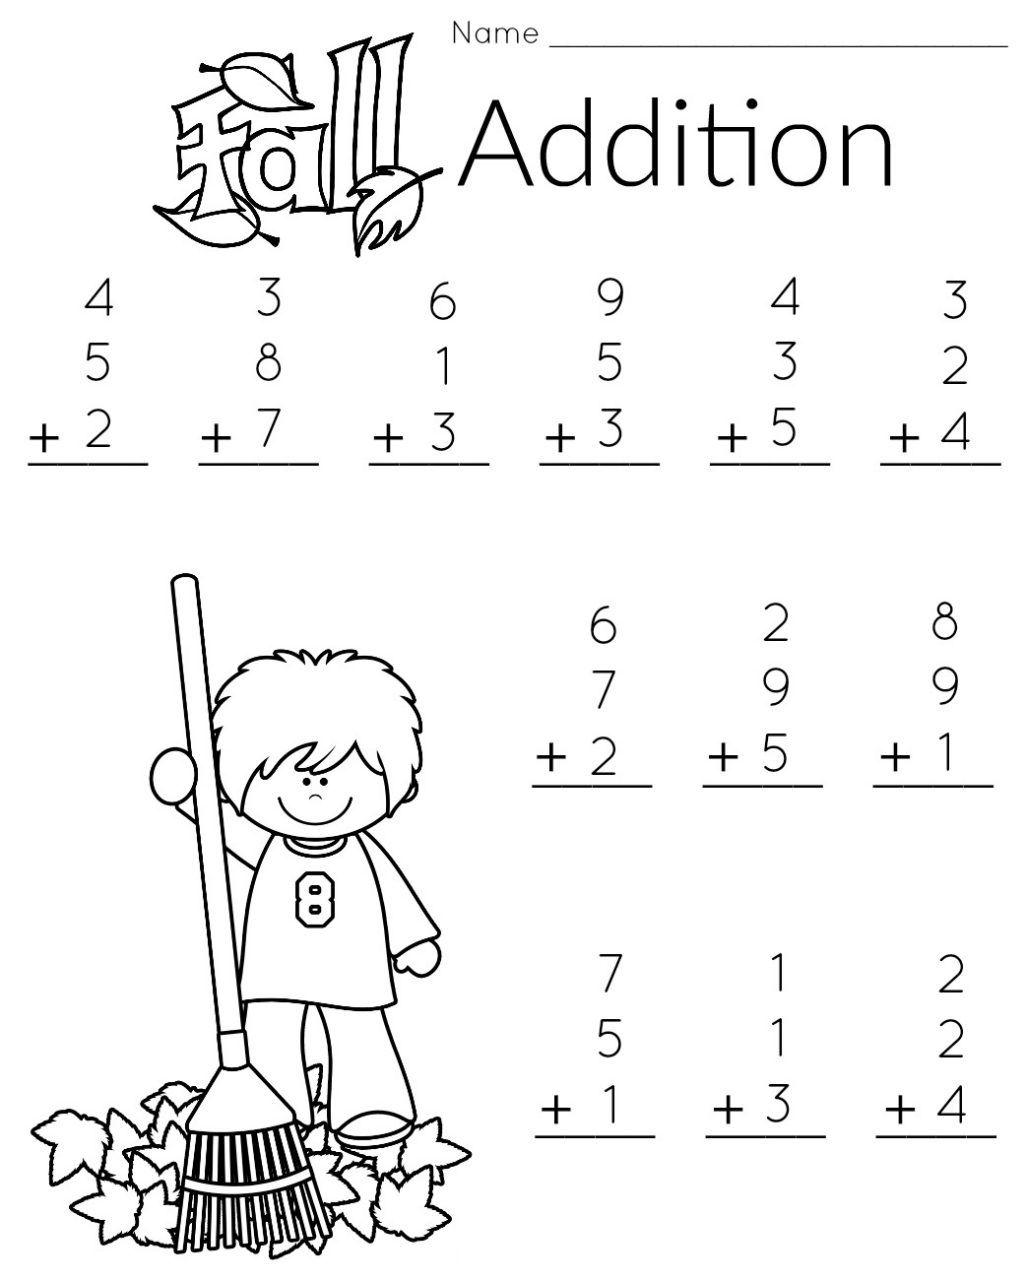 Kindergarten Worksheets Best Coloring Pages For Kids First Grade Math Worksheets Free Printable Math Worksheets Math Addition Worksheets